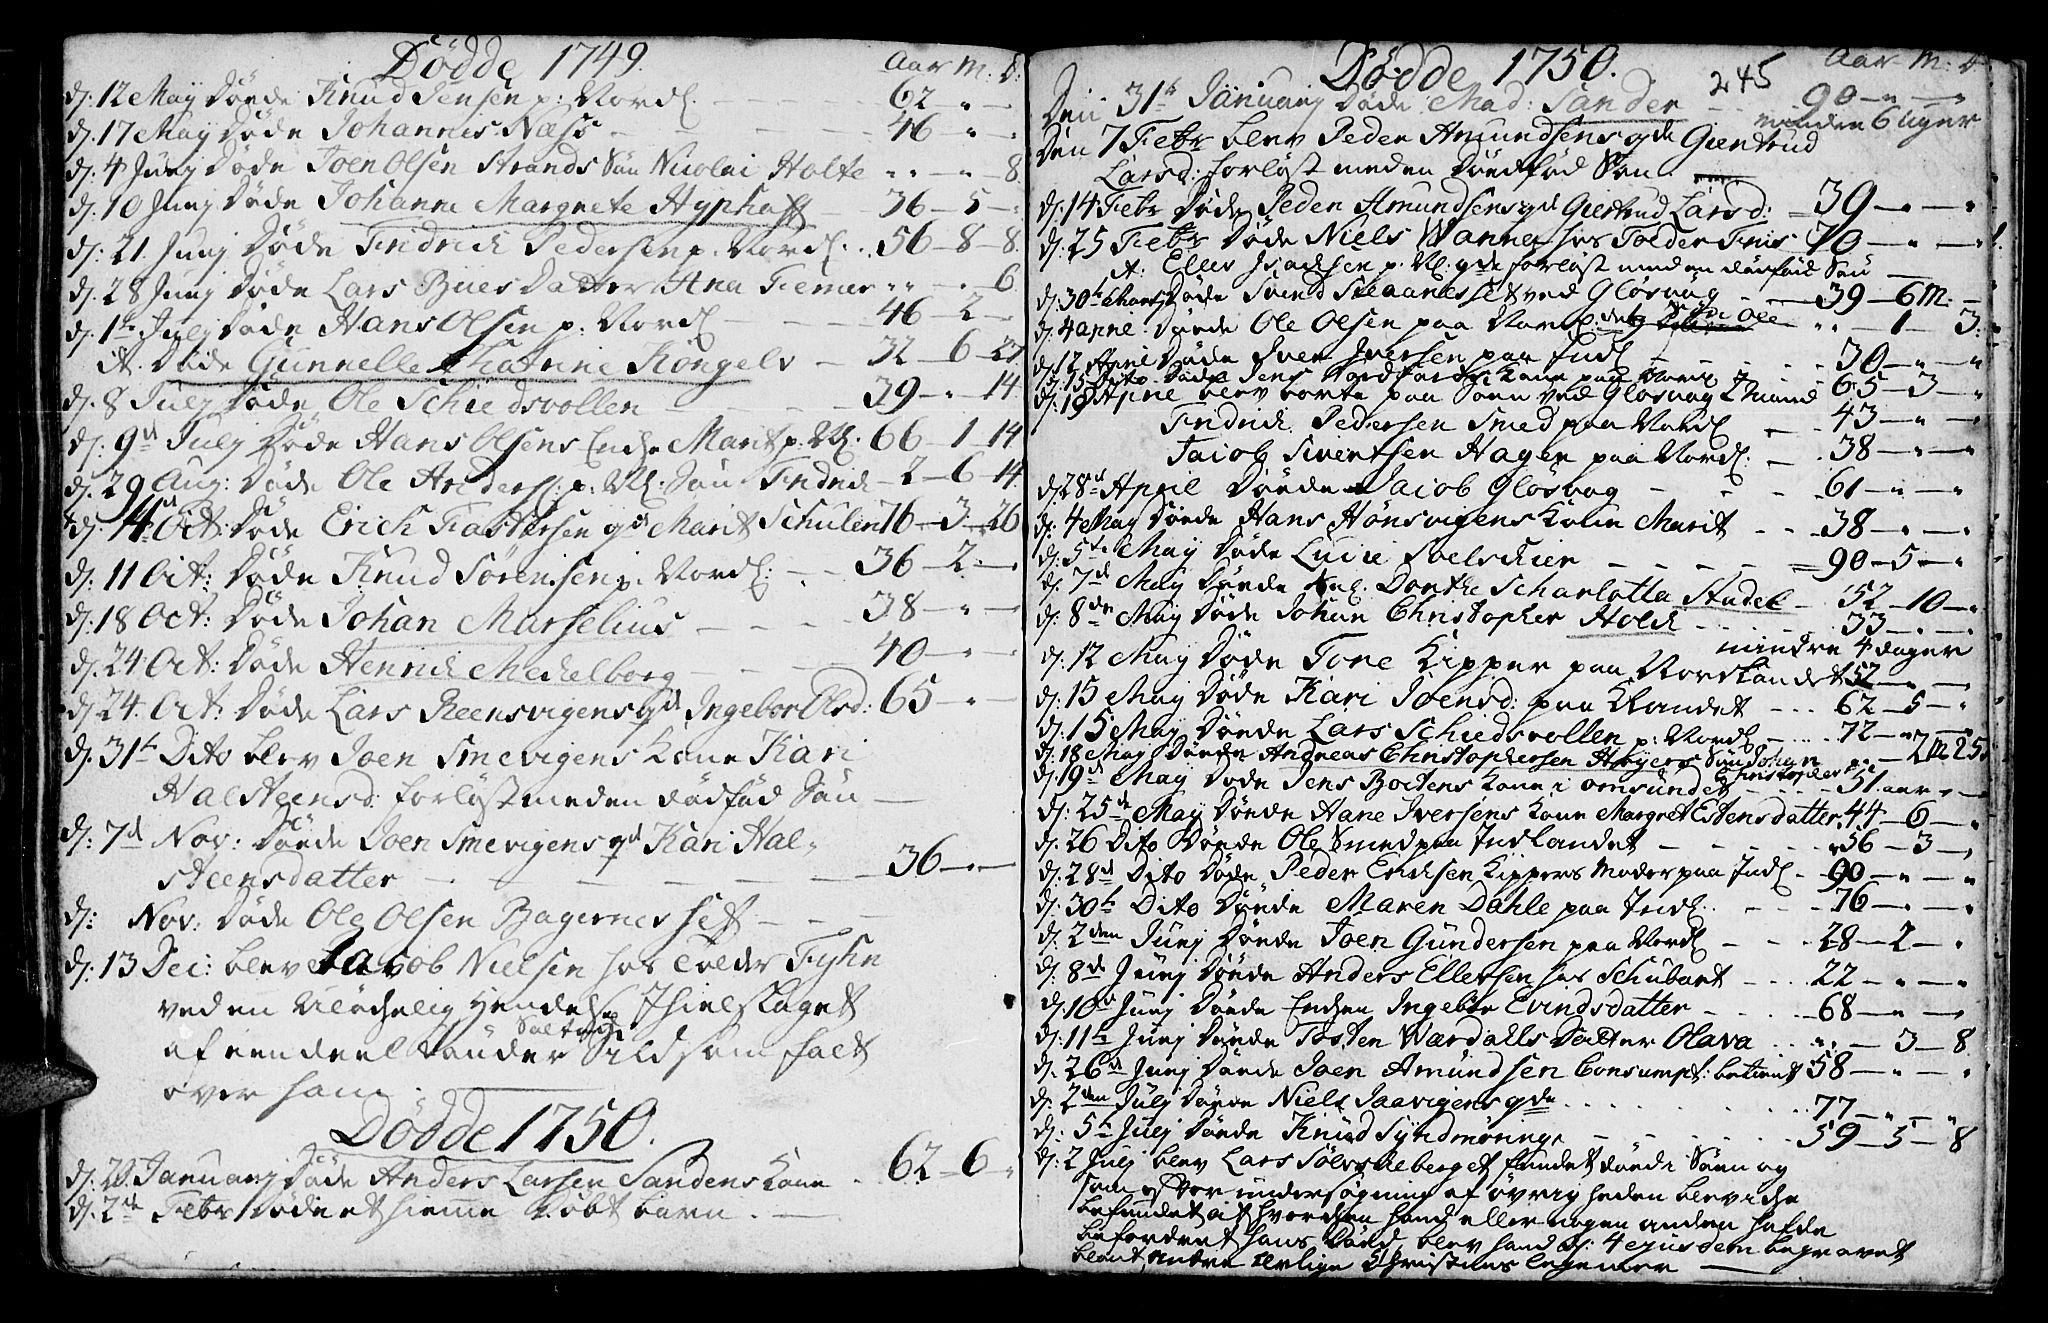 SAT, Ministerialprotokoller, klokkerbøker og fødselsregistre - Møre og Romsdal, 572/L0839: Parish register (official) no. 572A02, 1739-1754, p. 244-245